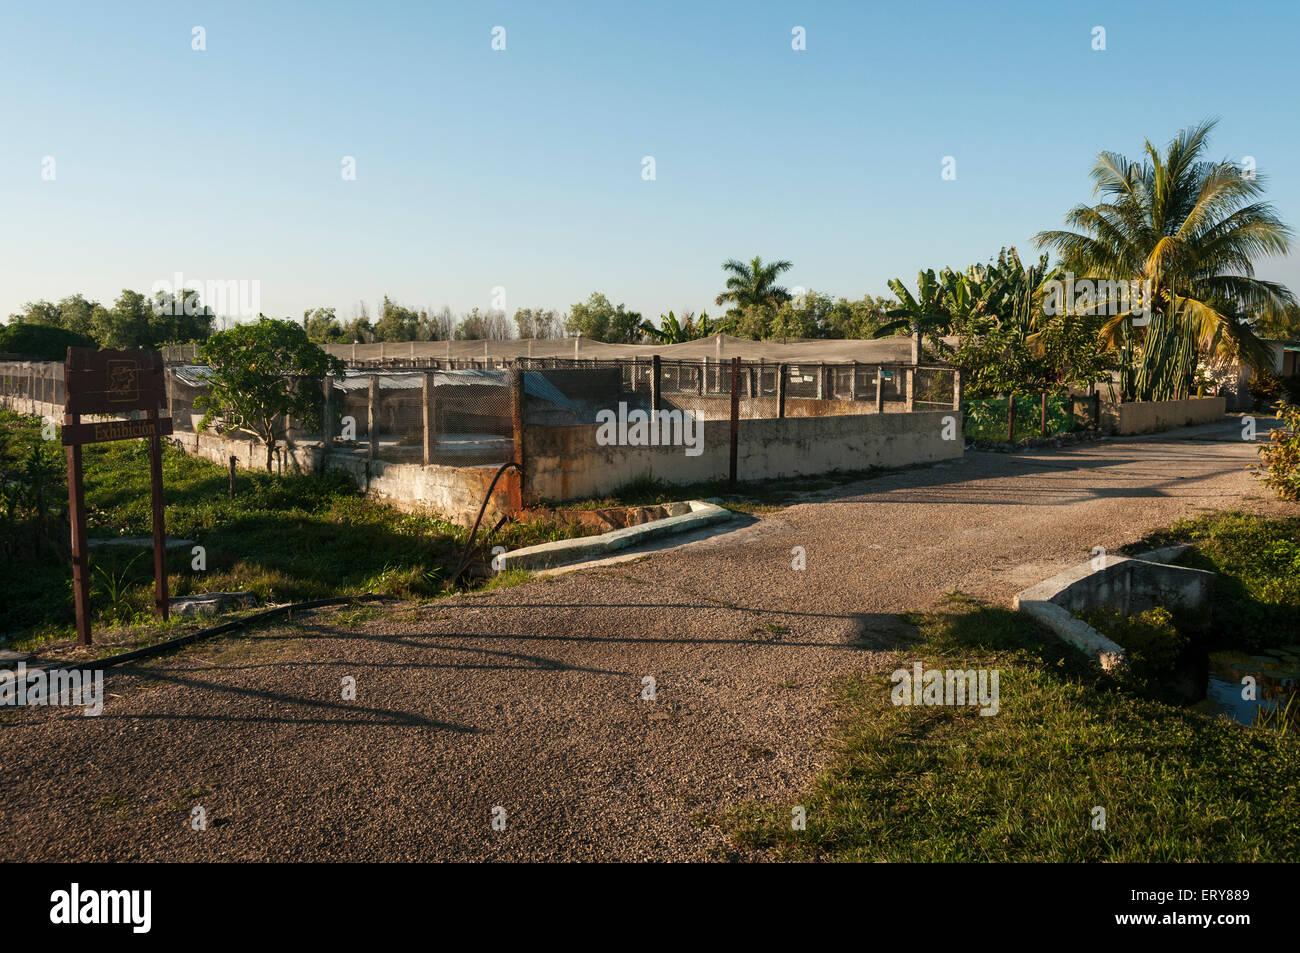 Elk224-3005 Cuba, Boca de Guama, Criadero de Crocodrilos, crocodile farm, breeding pens - Stock Image